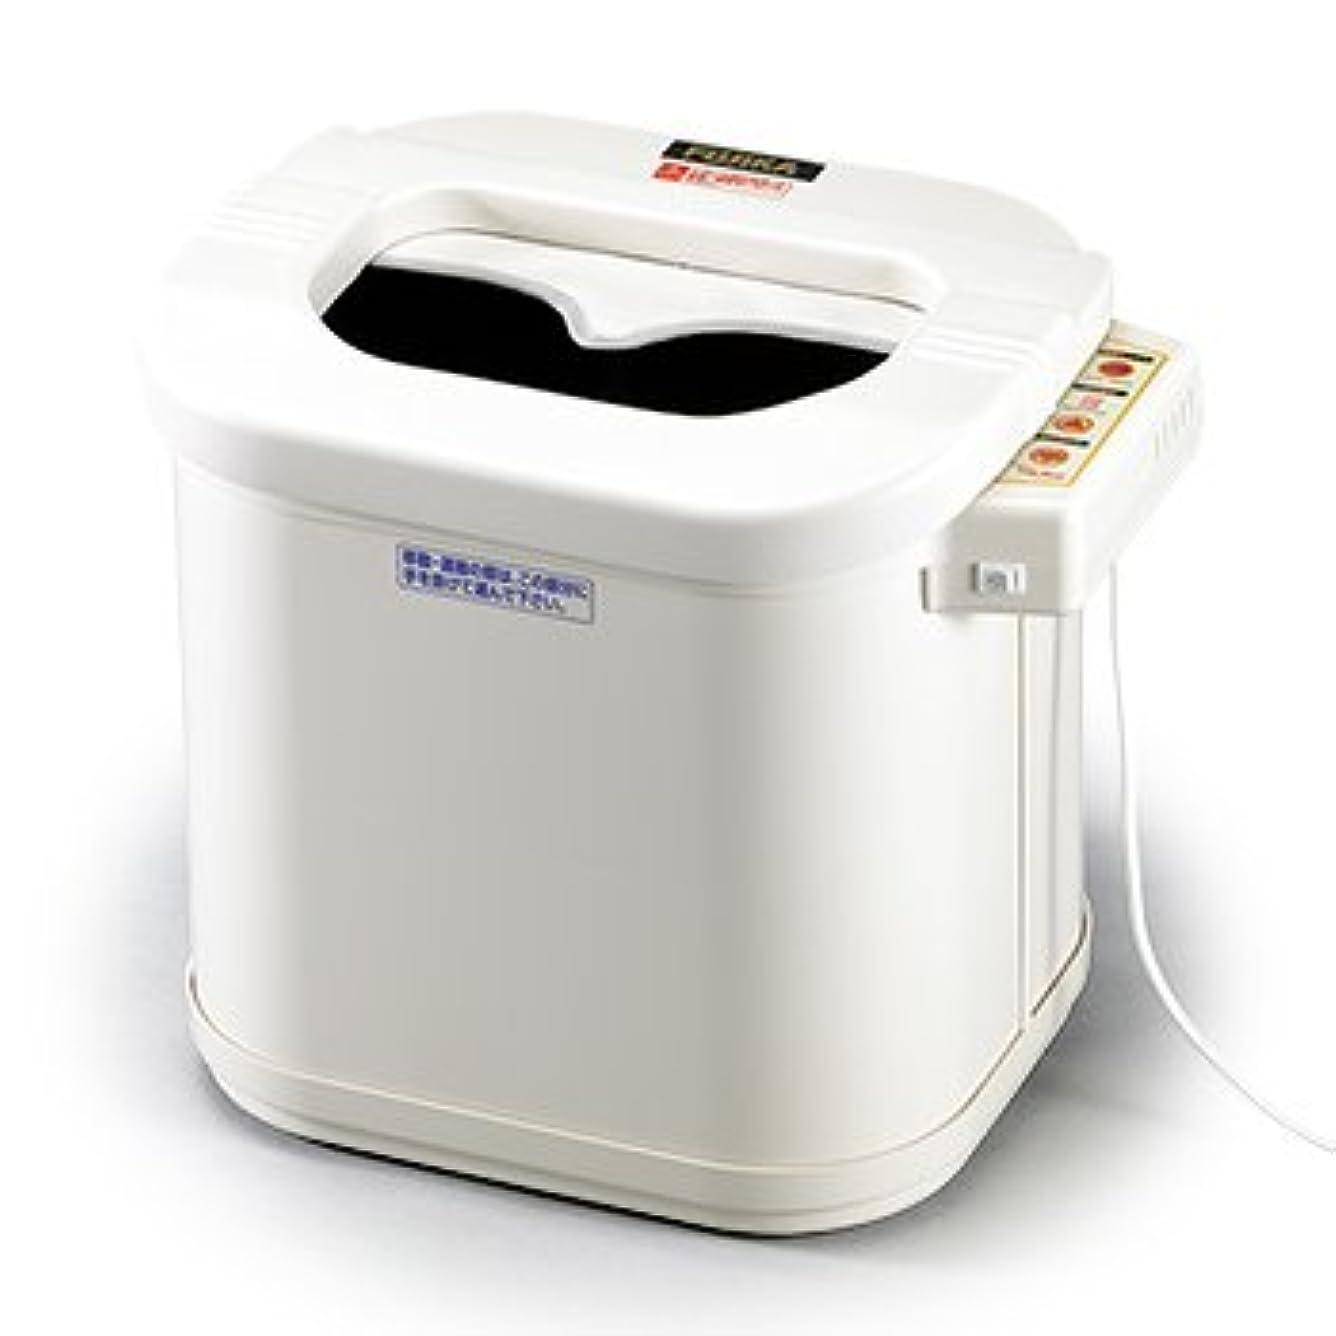 フジカ スマーティ レッグホット LH-2型 遠赤外線 足温器 足浴器